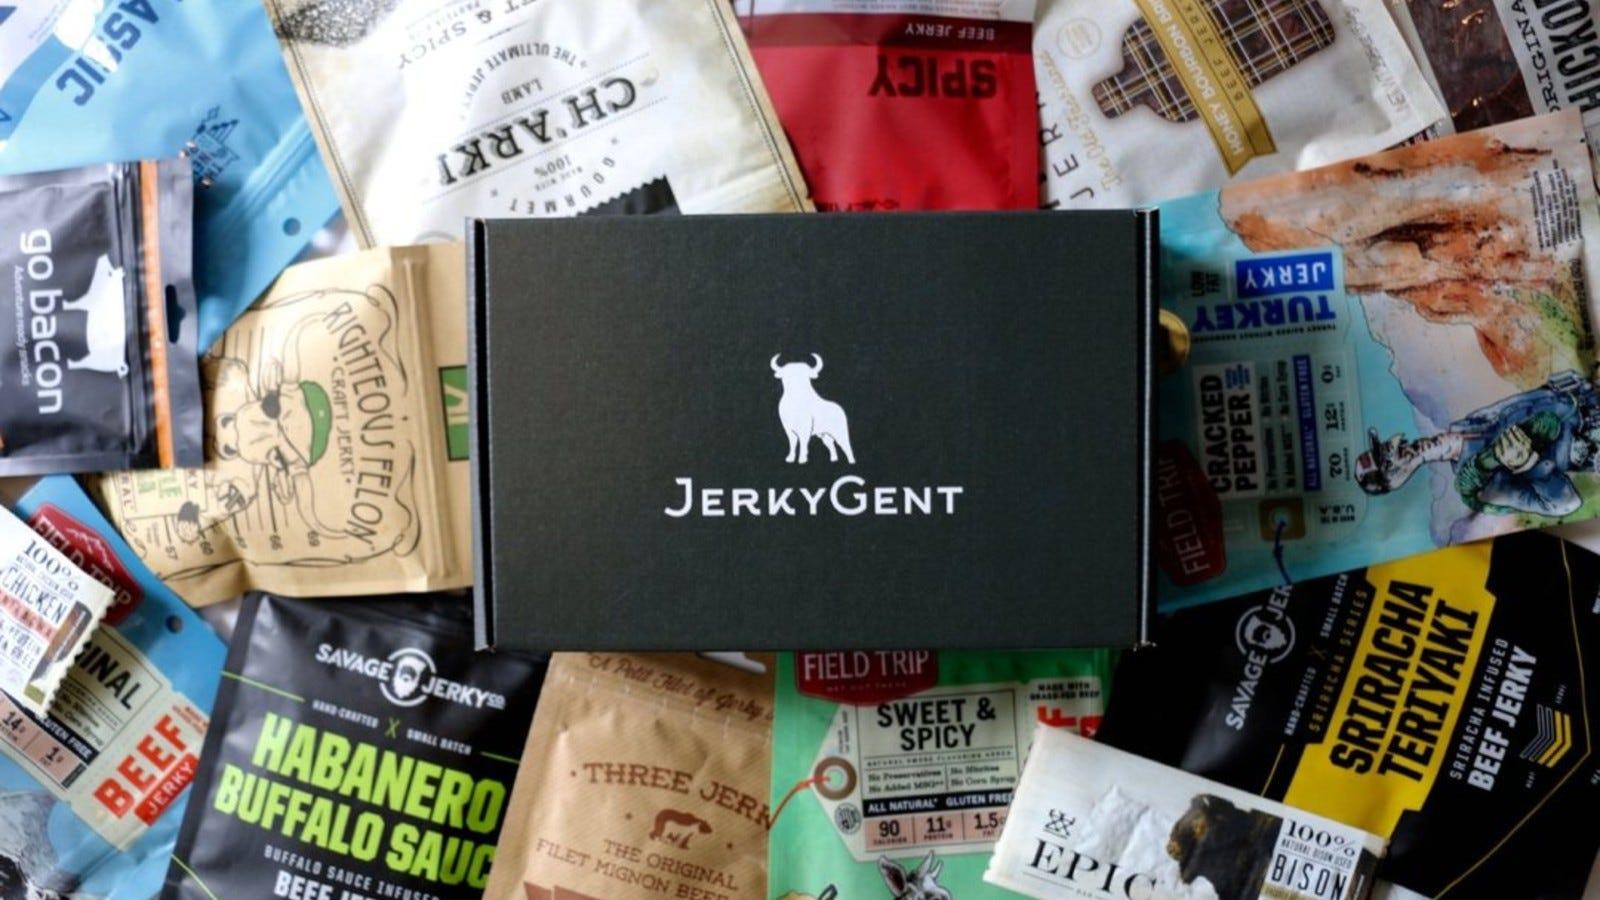 O cutie JerkyGent deasupra unei grămezi de diferite pachete sacadate de carne de vită.